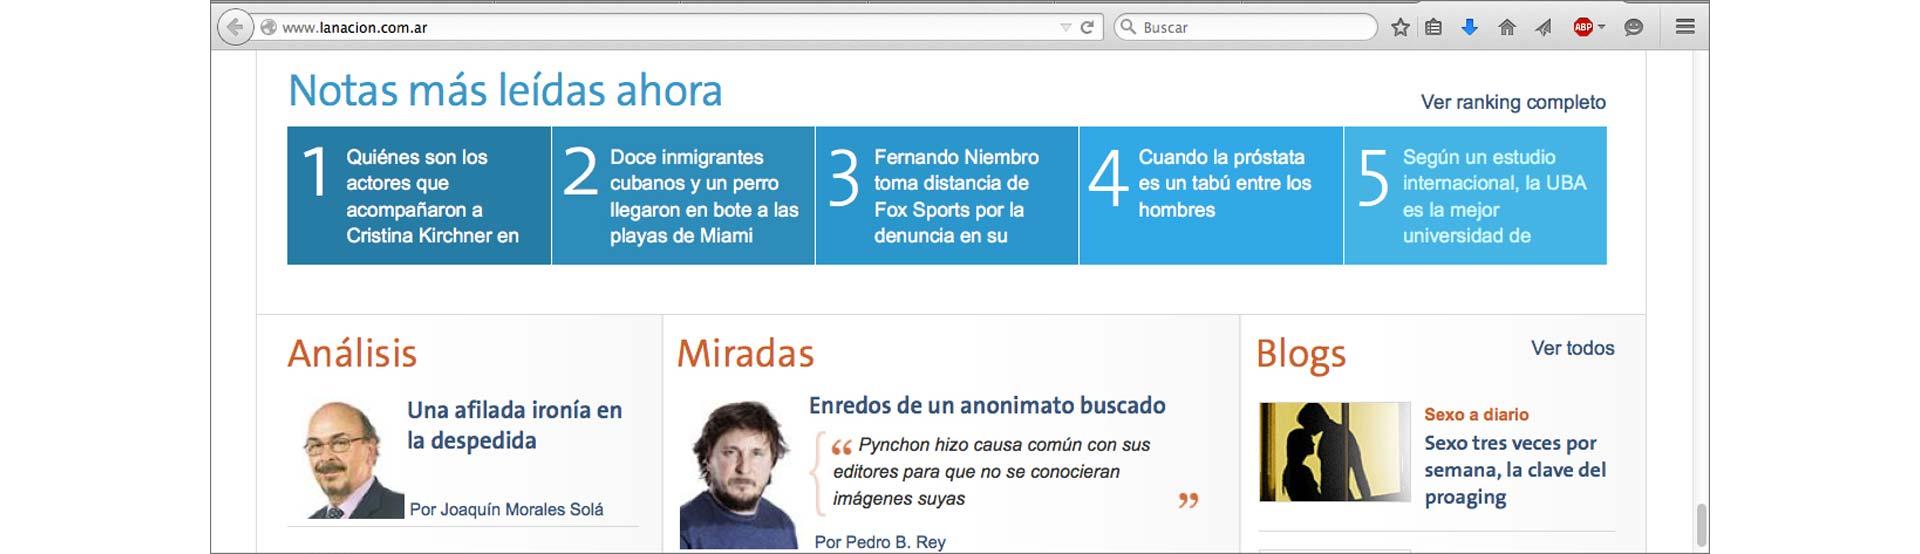 brecha_noticias_4_caja